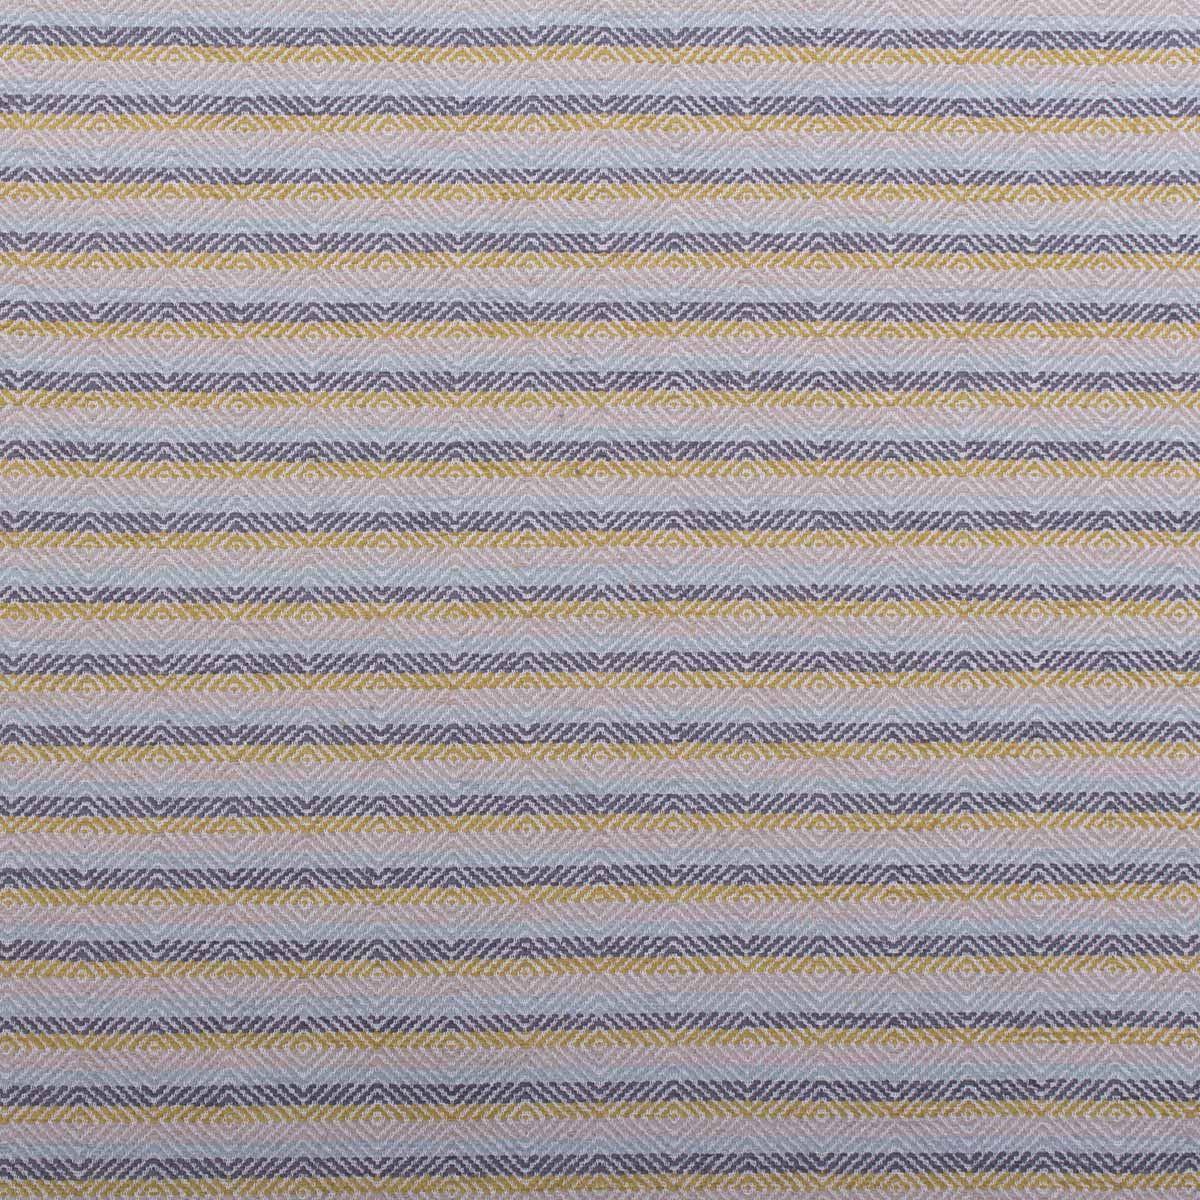 Diamond Ondulación geométrica Chenille cestería Cortina Tela de tapicería